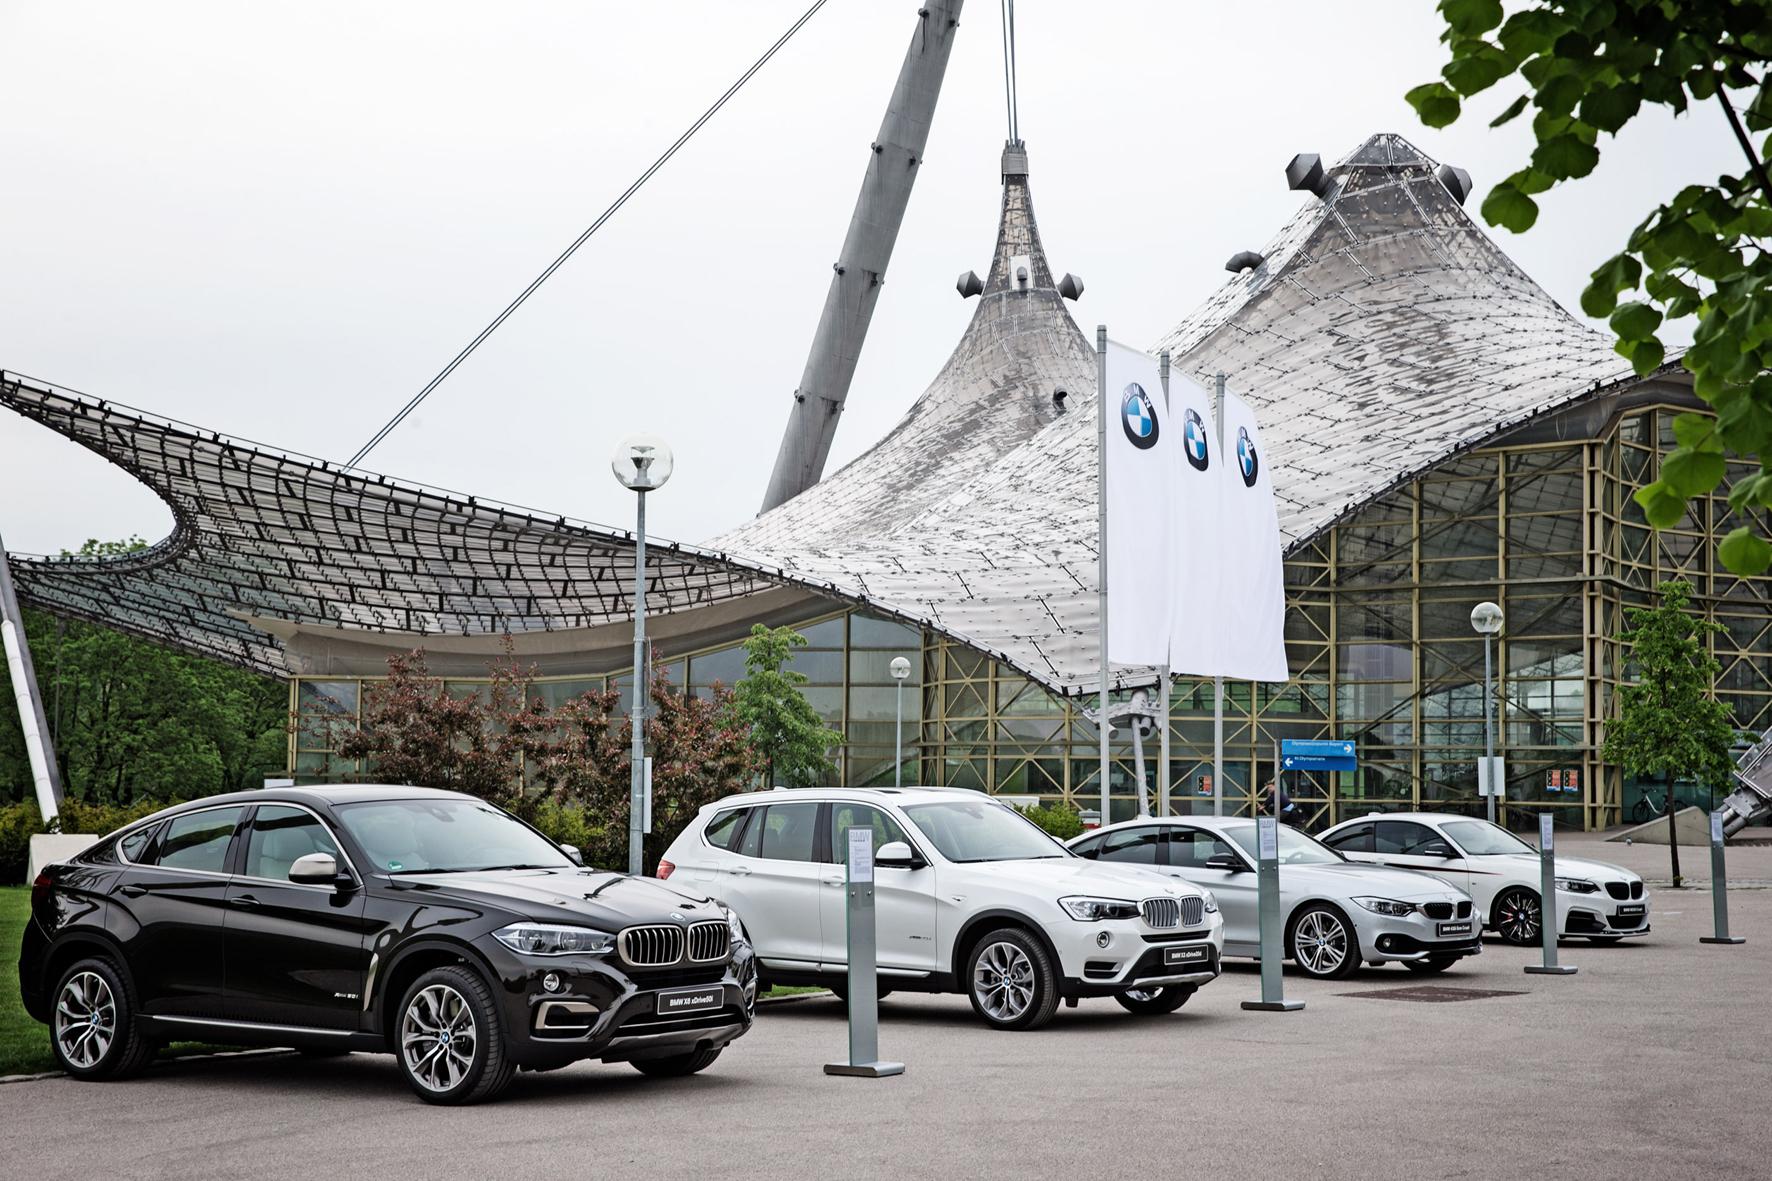 mid Düsseldorf - Münchner fahren BMW: Die Marke hat in der bayerischen Landeshauptstadt von allen Autoherstellern die größte Verbreitung.